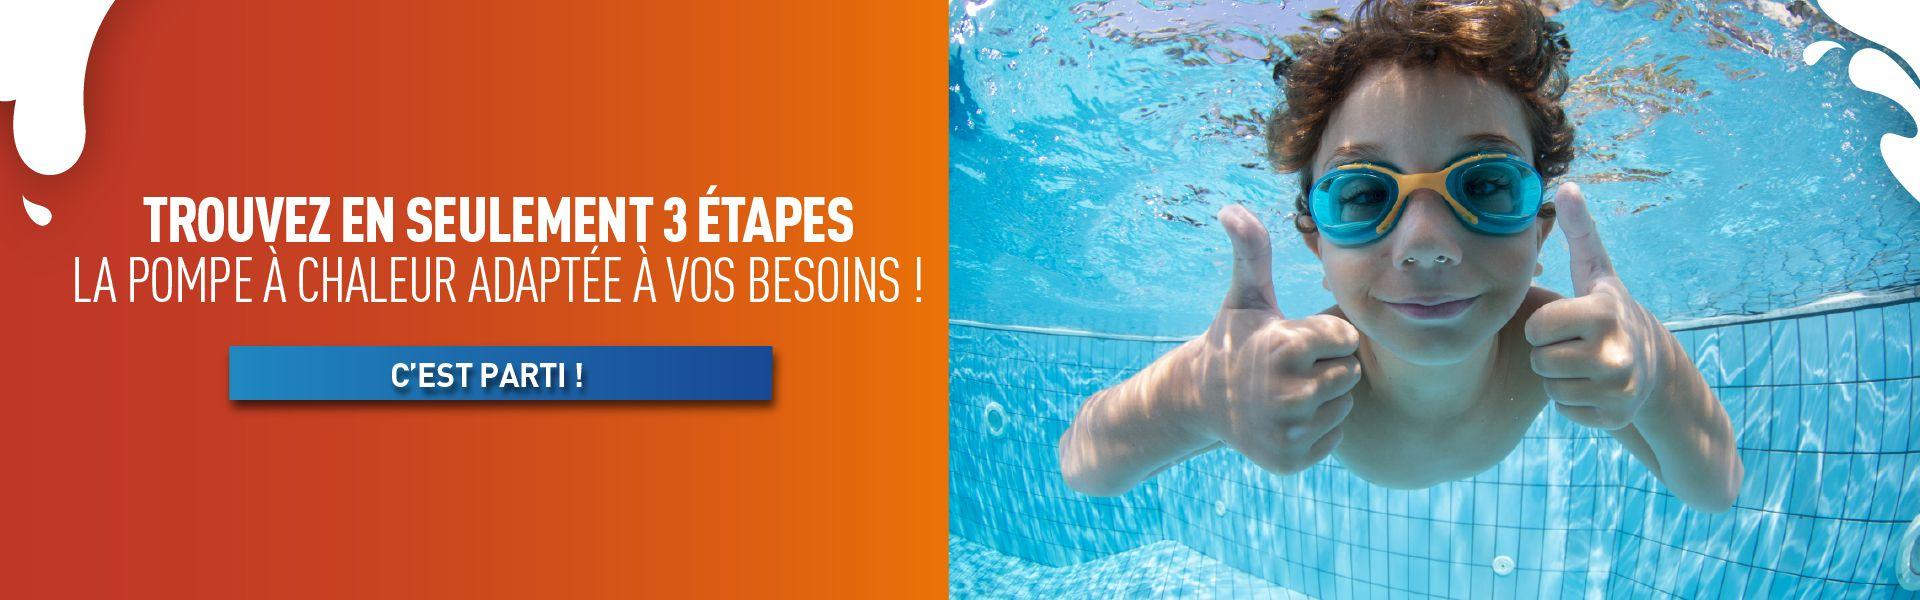 Cash Piscines - Tout Pour La Piscine & Spas Gonflables ... intérieur Cash Piscine Venelles